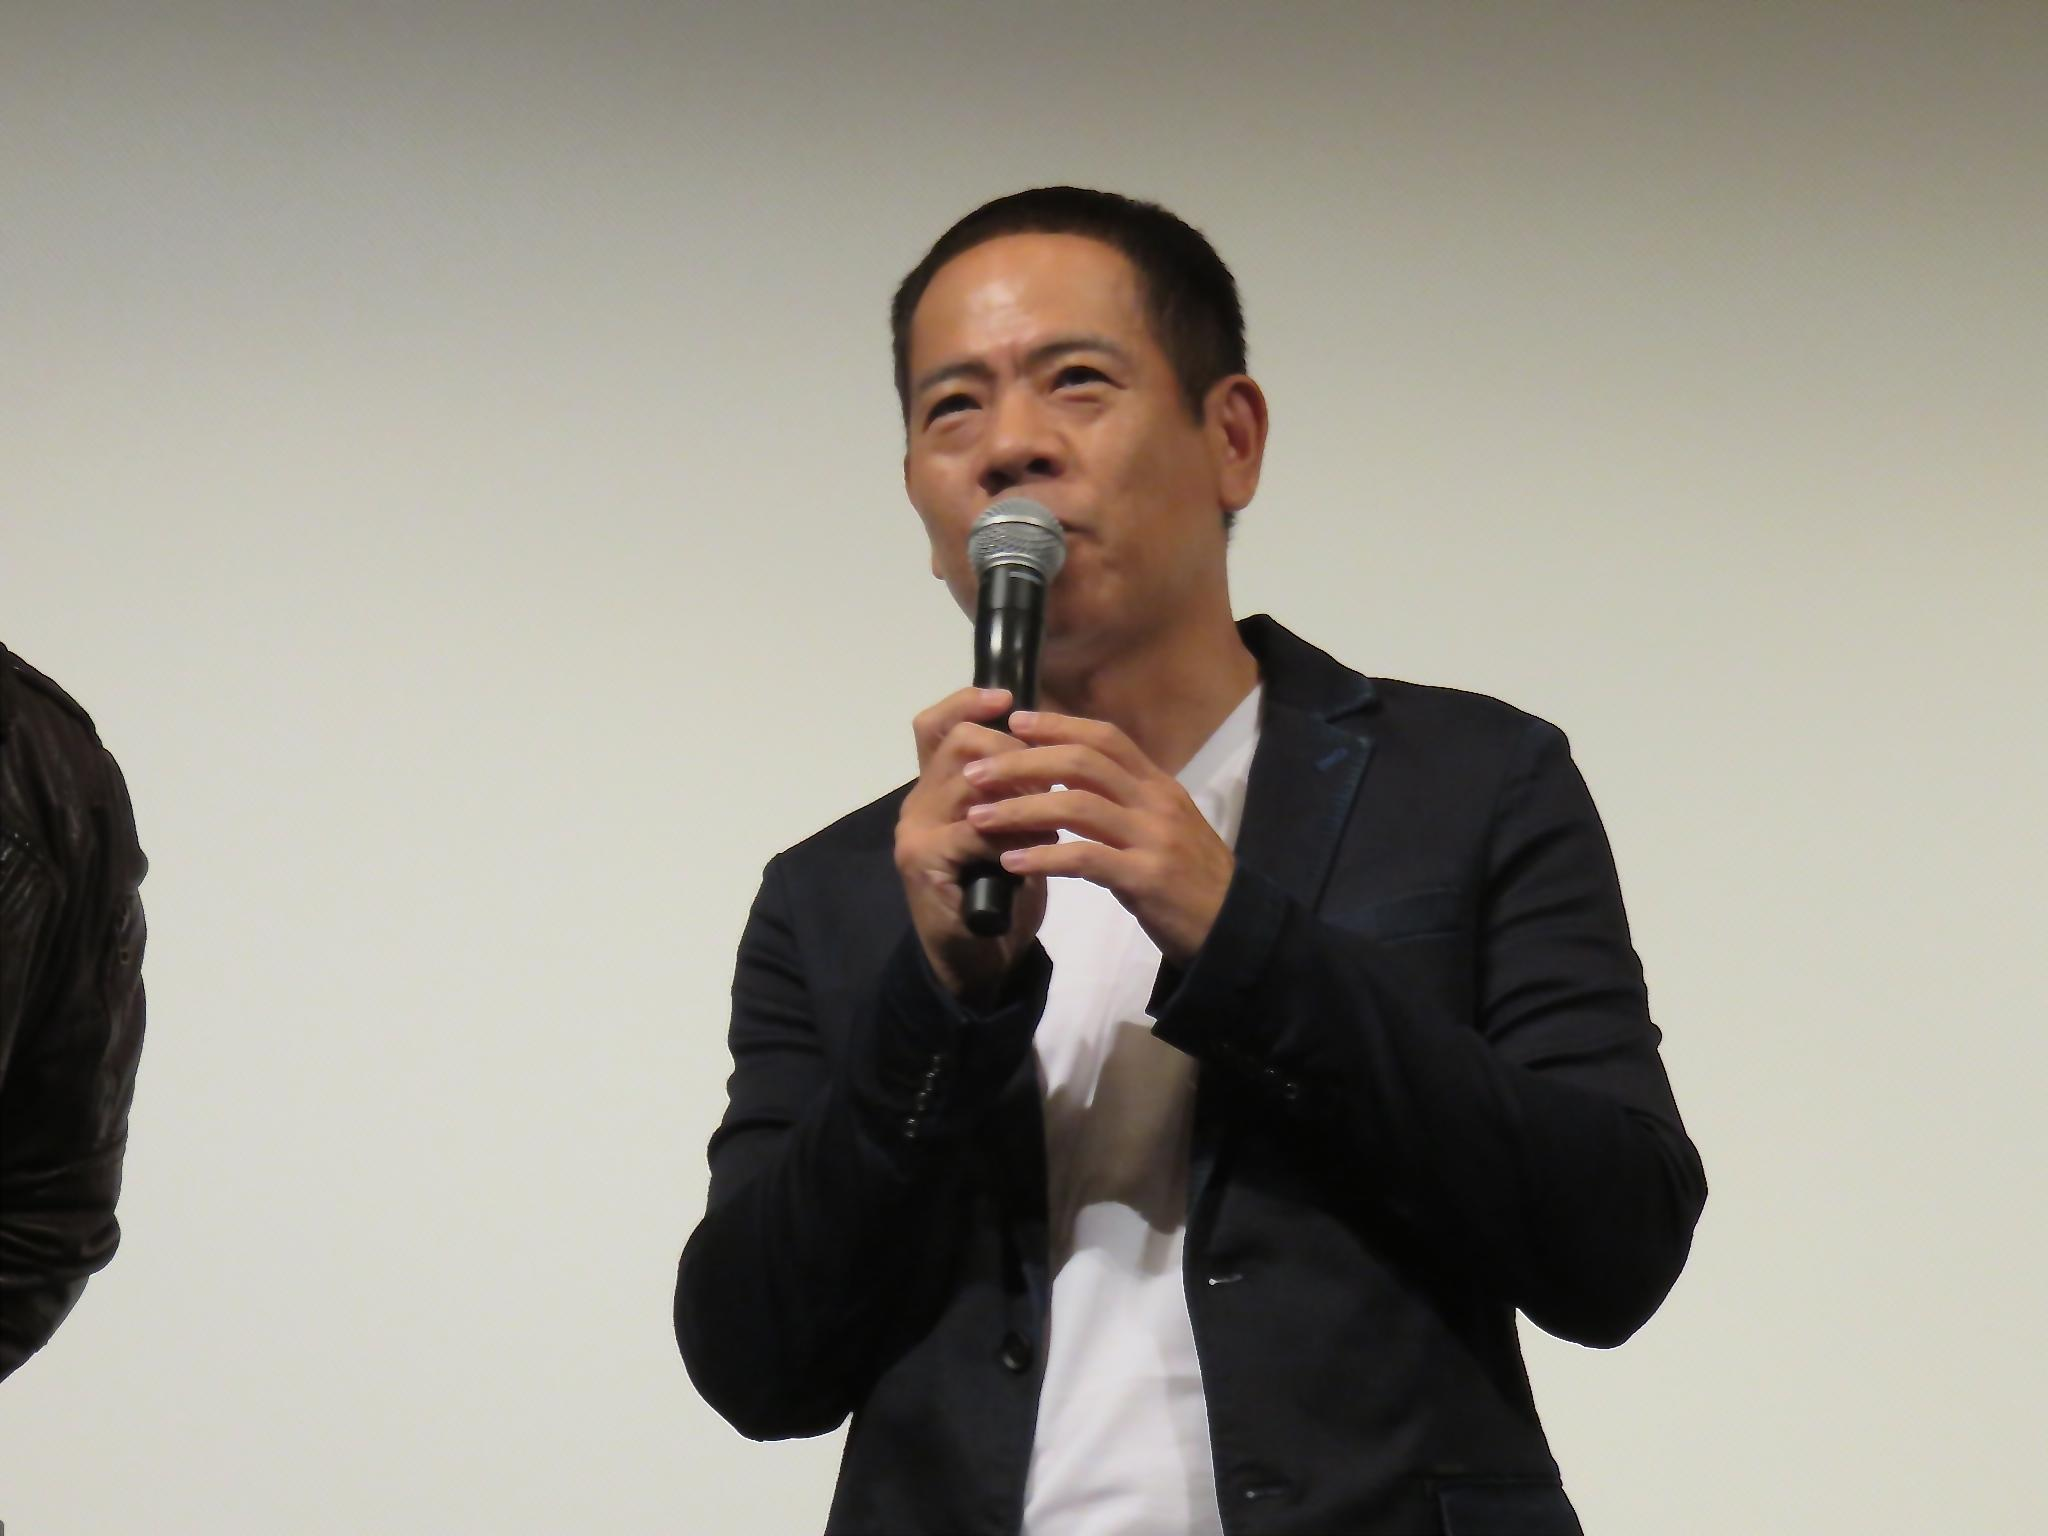 http://news.yoshimoto.co.jp/20171010201238-802b0ff13a73a92cc3360d36580c4392b34ae09f.jpg